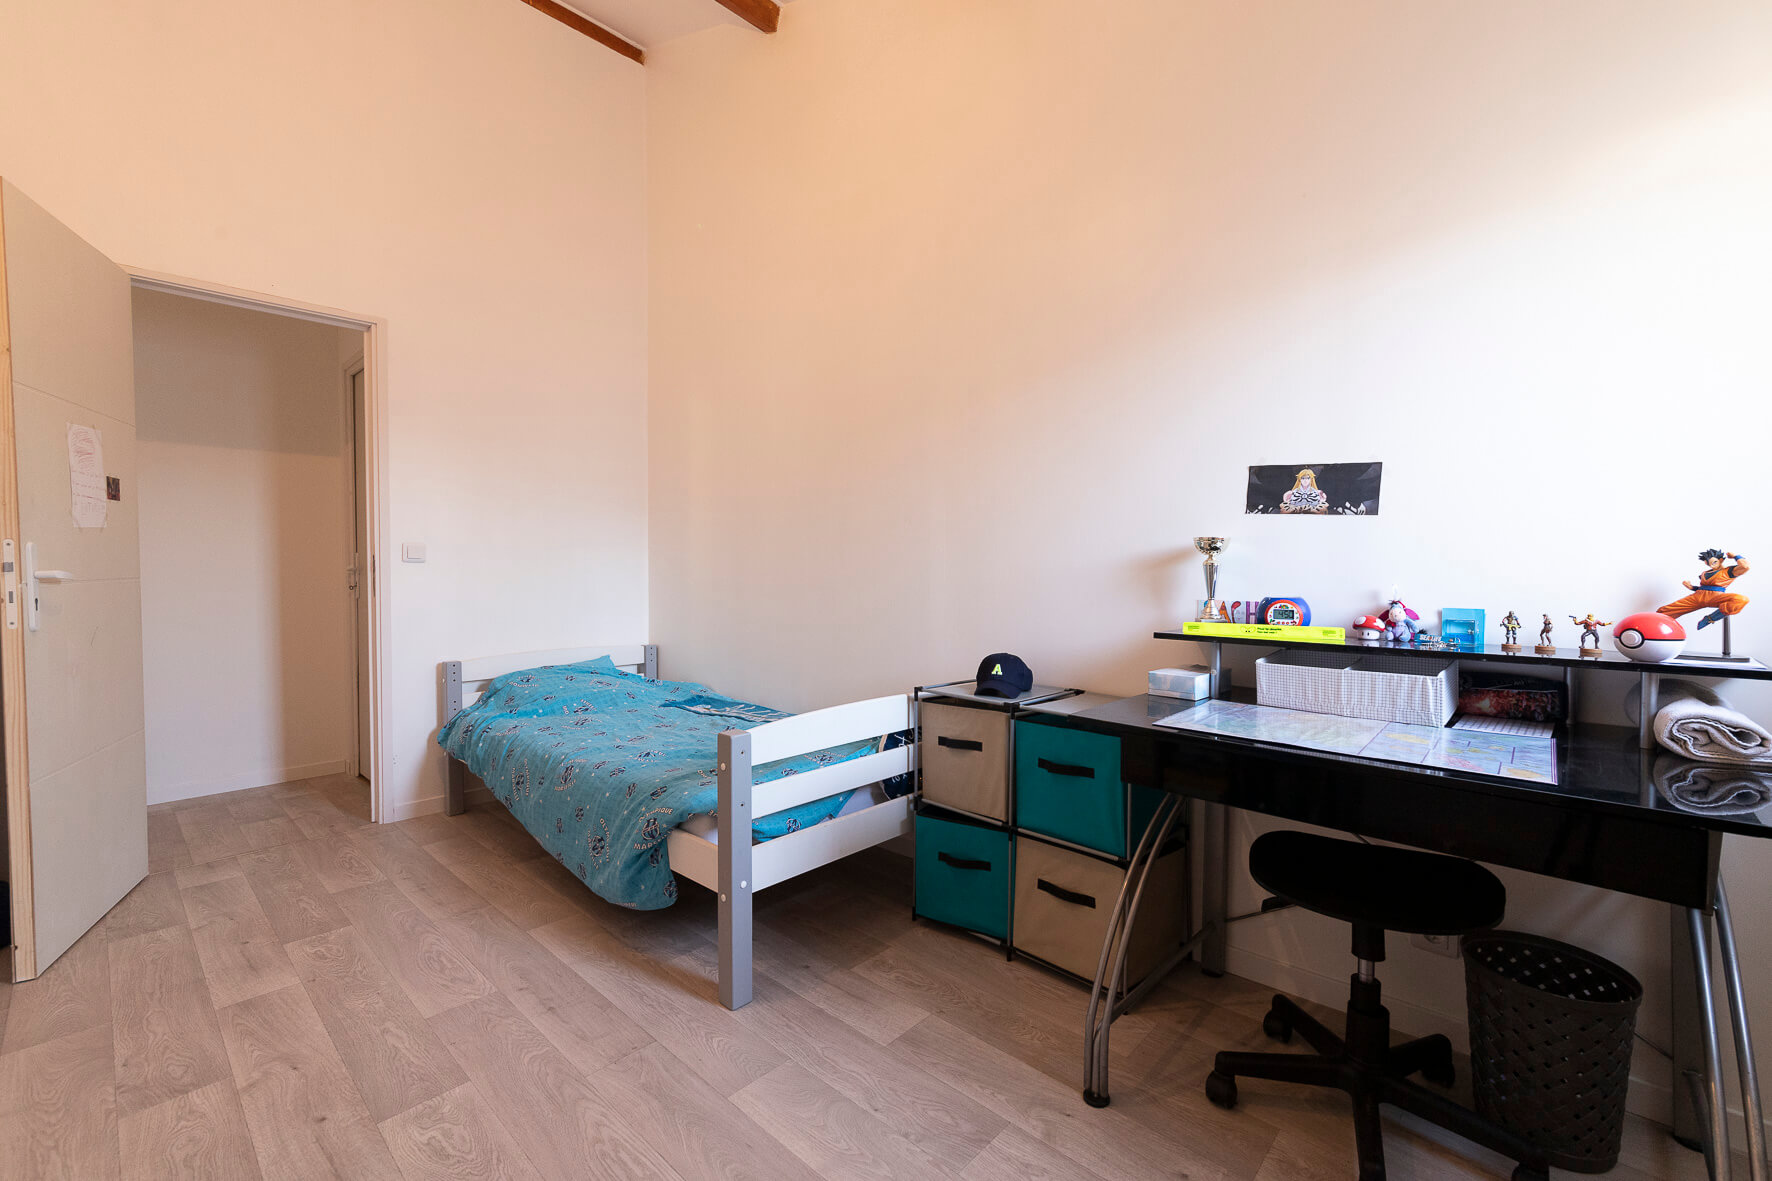 Homki - Vente Maison/villa  de 91.0 m² à Jonquières-Saint-Vincent 30300